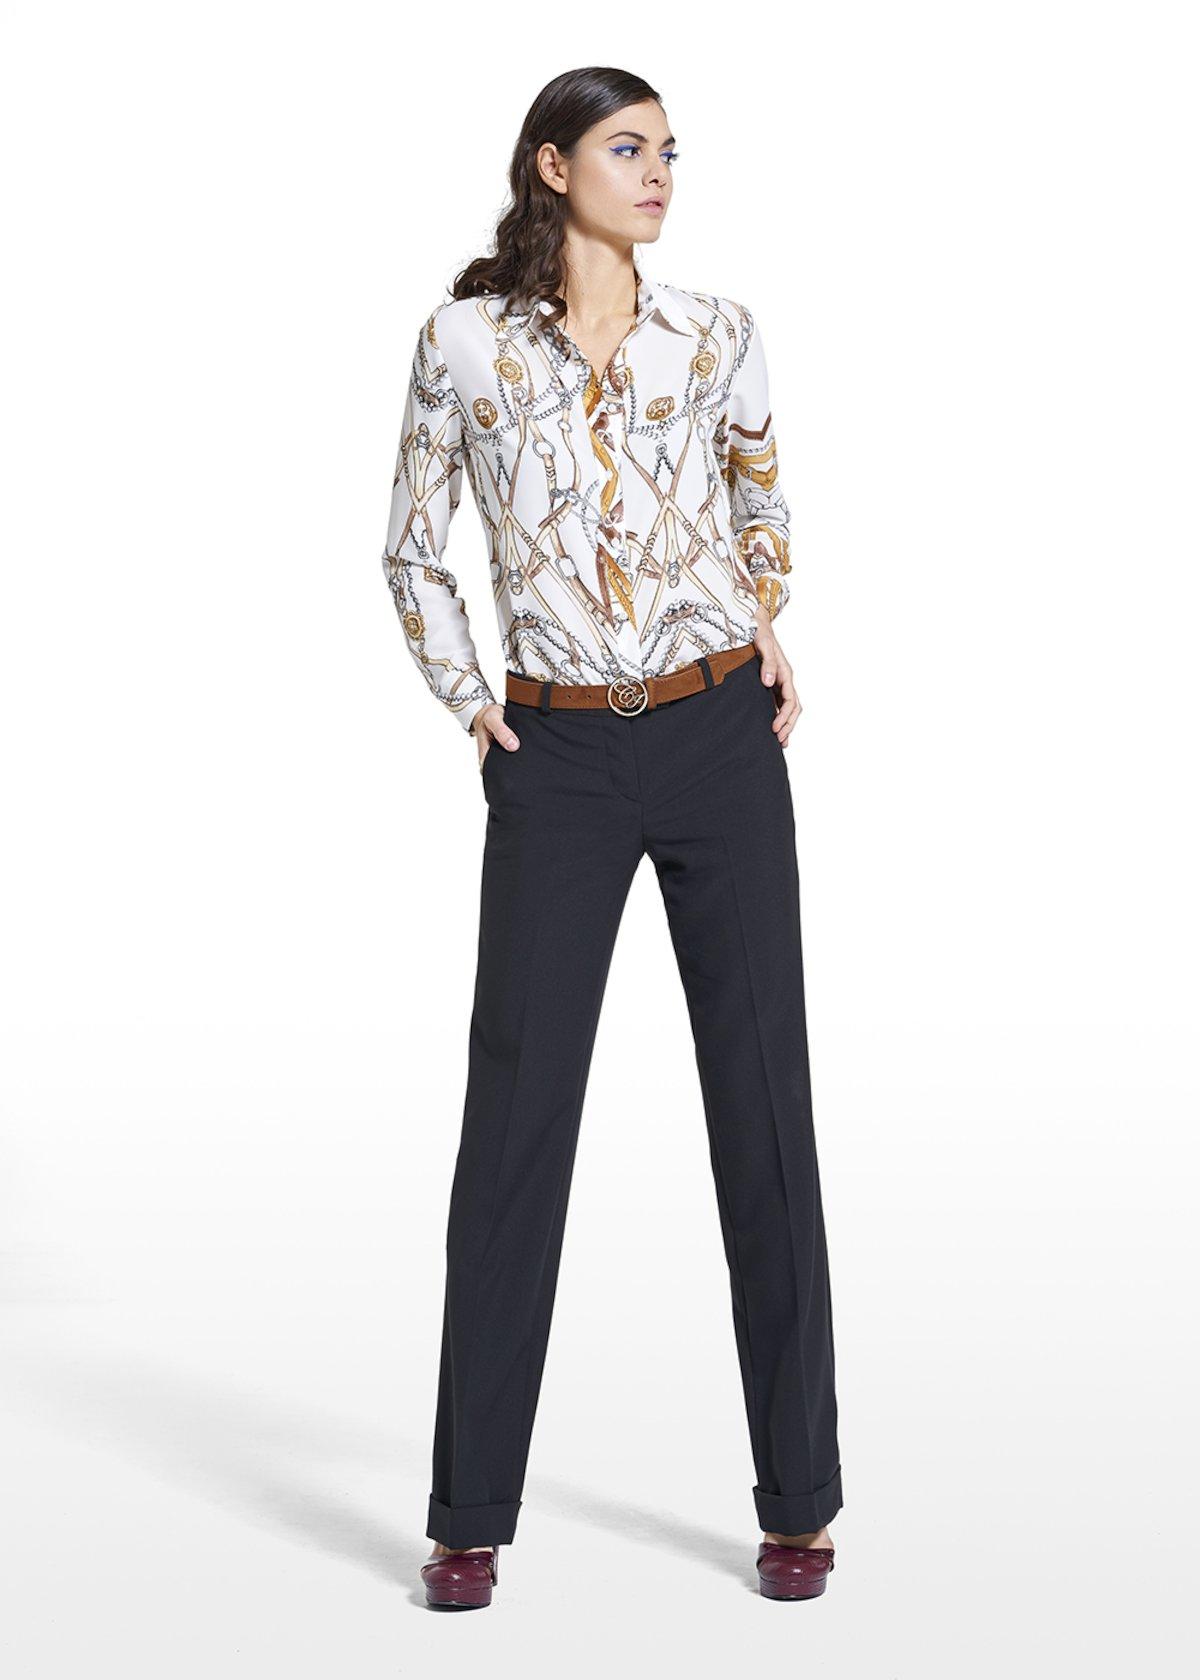 Giorgia model in poly-viscose fabric pants Priamo - Black - Woman